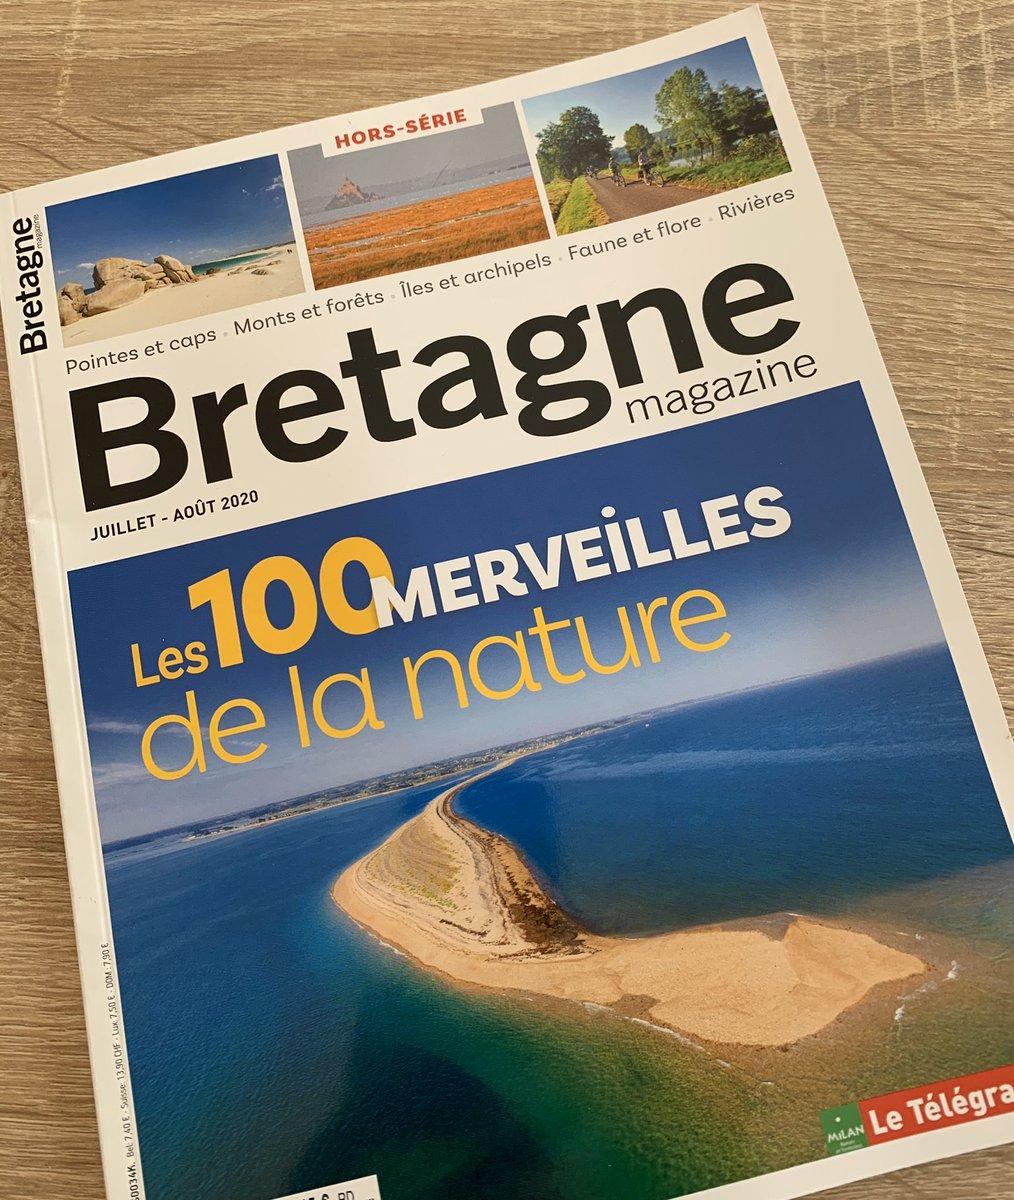 Merci merci à mon collègue Cyril qui a pensé à moi aujourd'hui !! 😘 Voilà un super road-book pour cet été en #Bretagne 💖